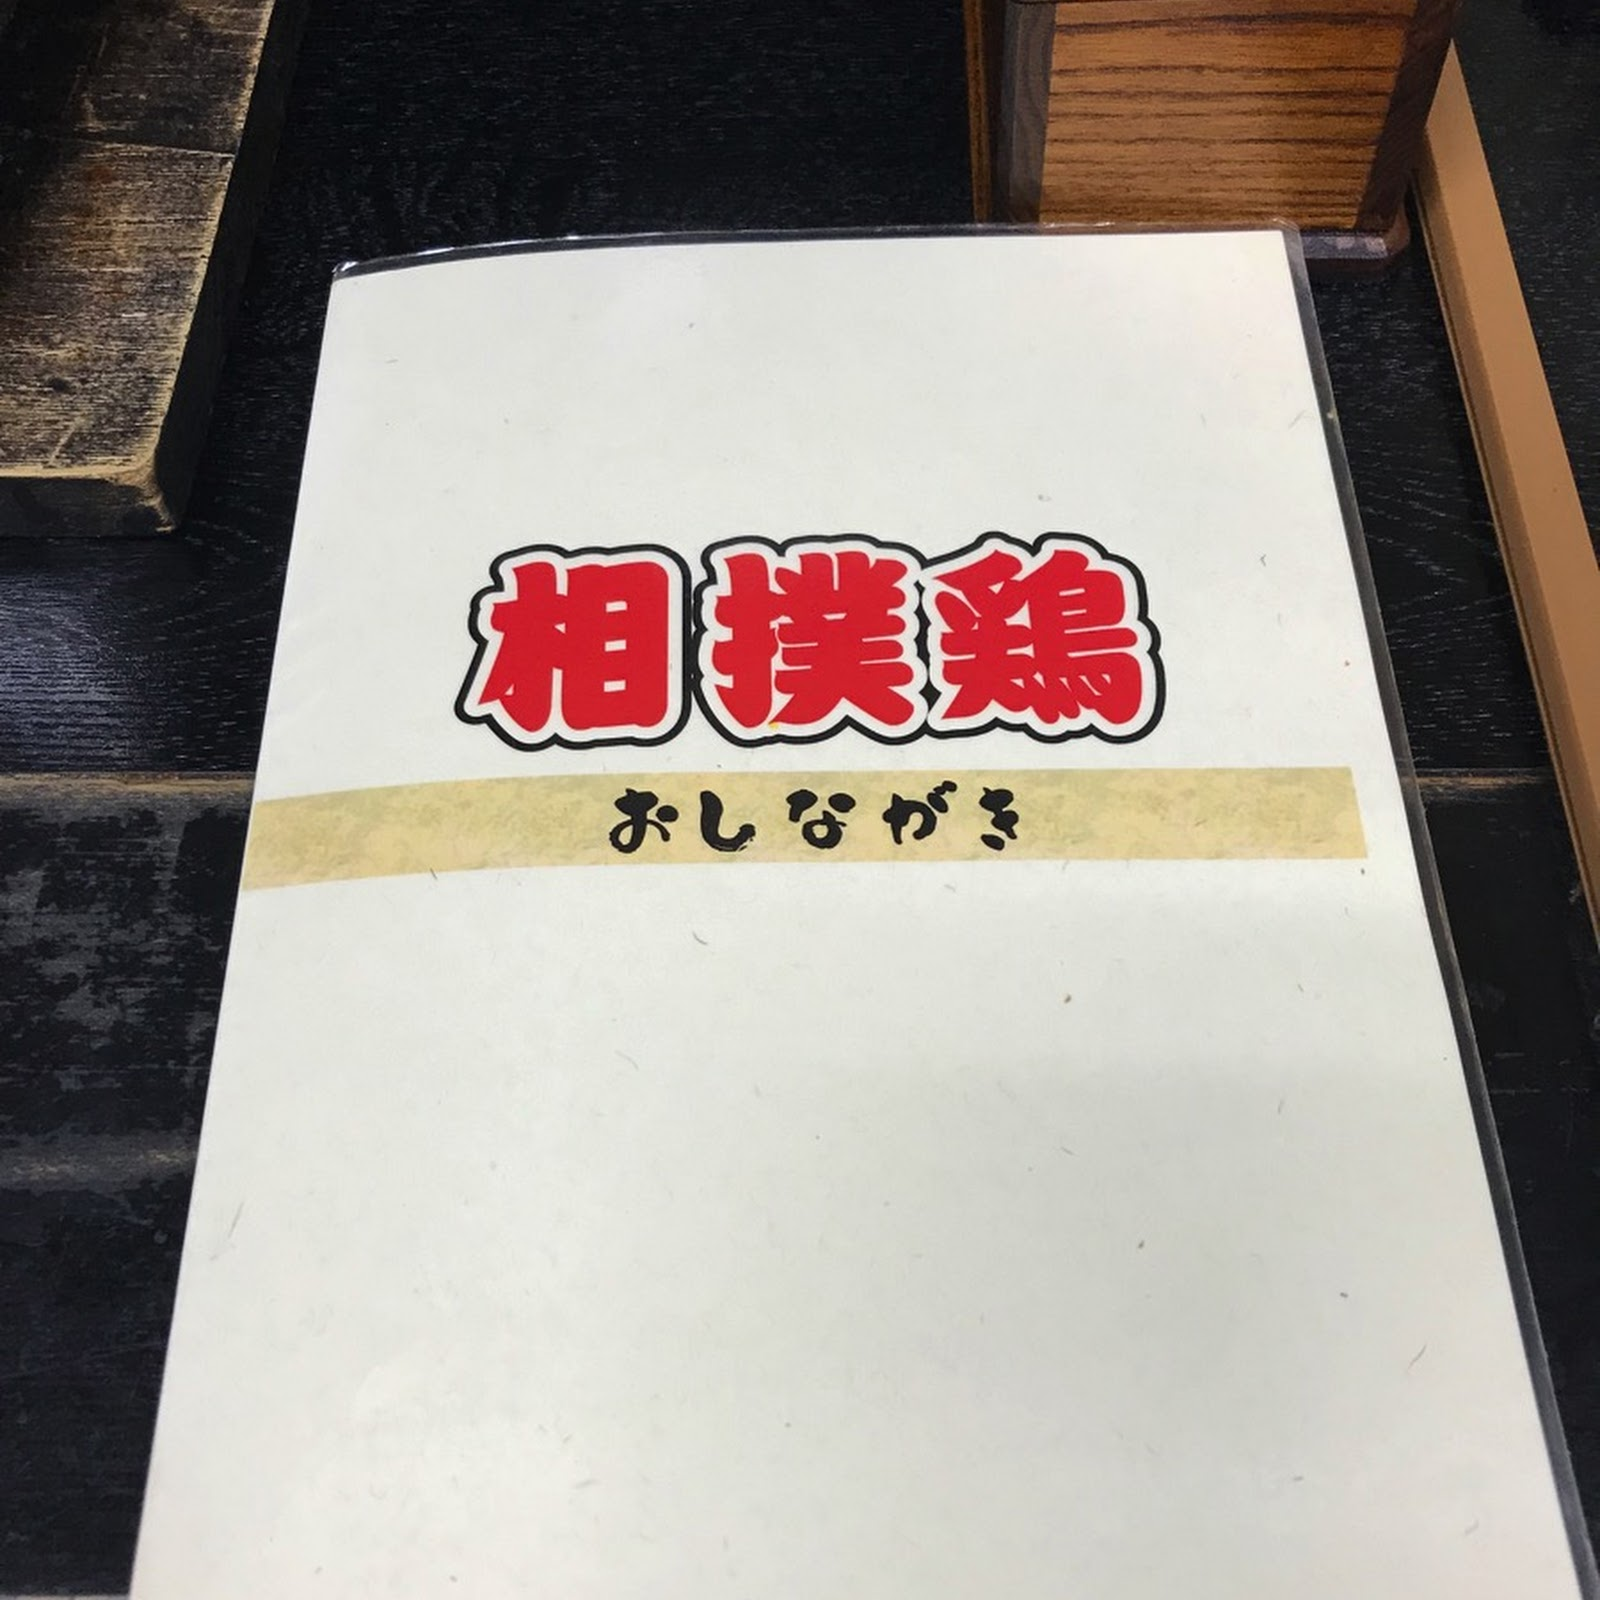 老娘遊記 2018 (06 – 16 March) @ 關西 Day 4(3)– 相撲雞 @京都十条